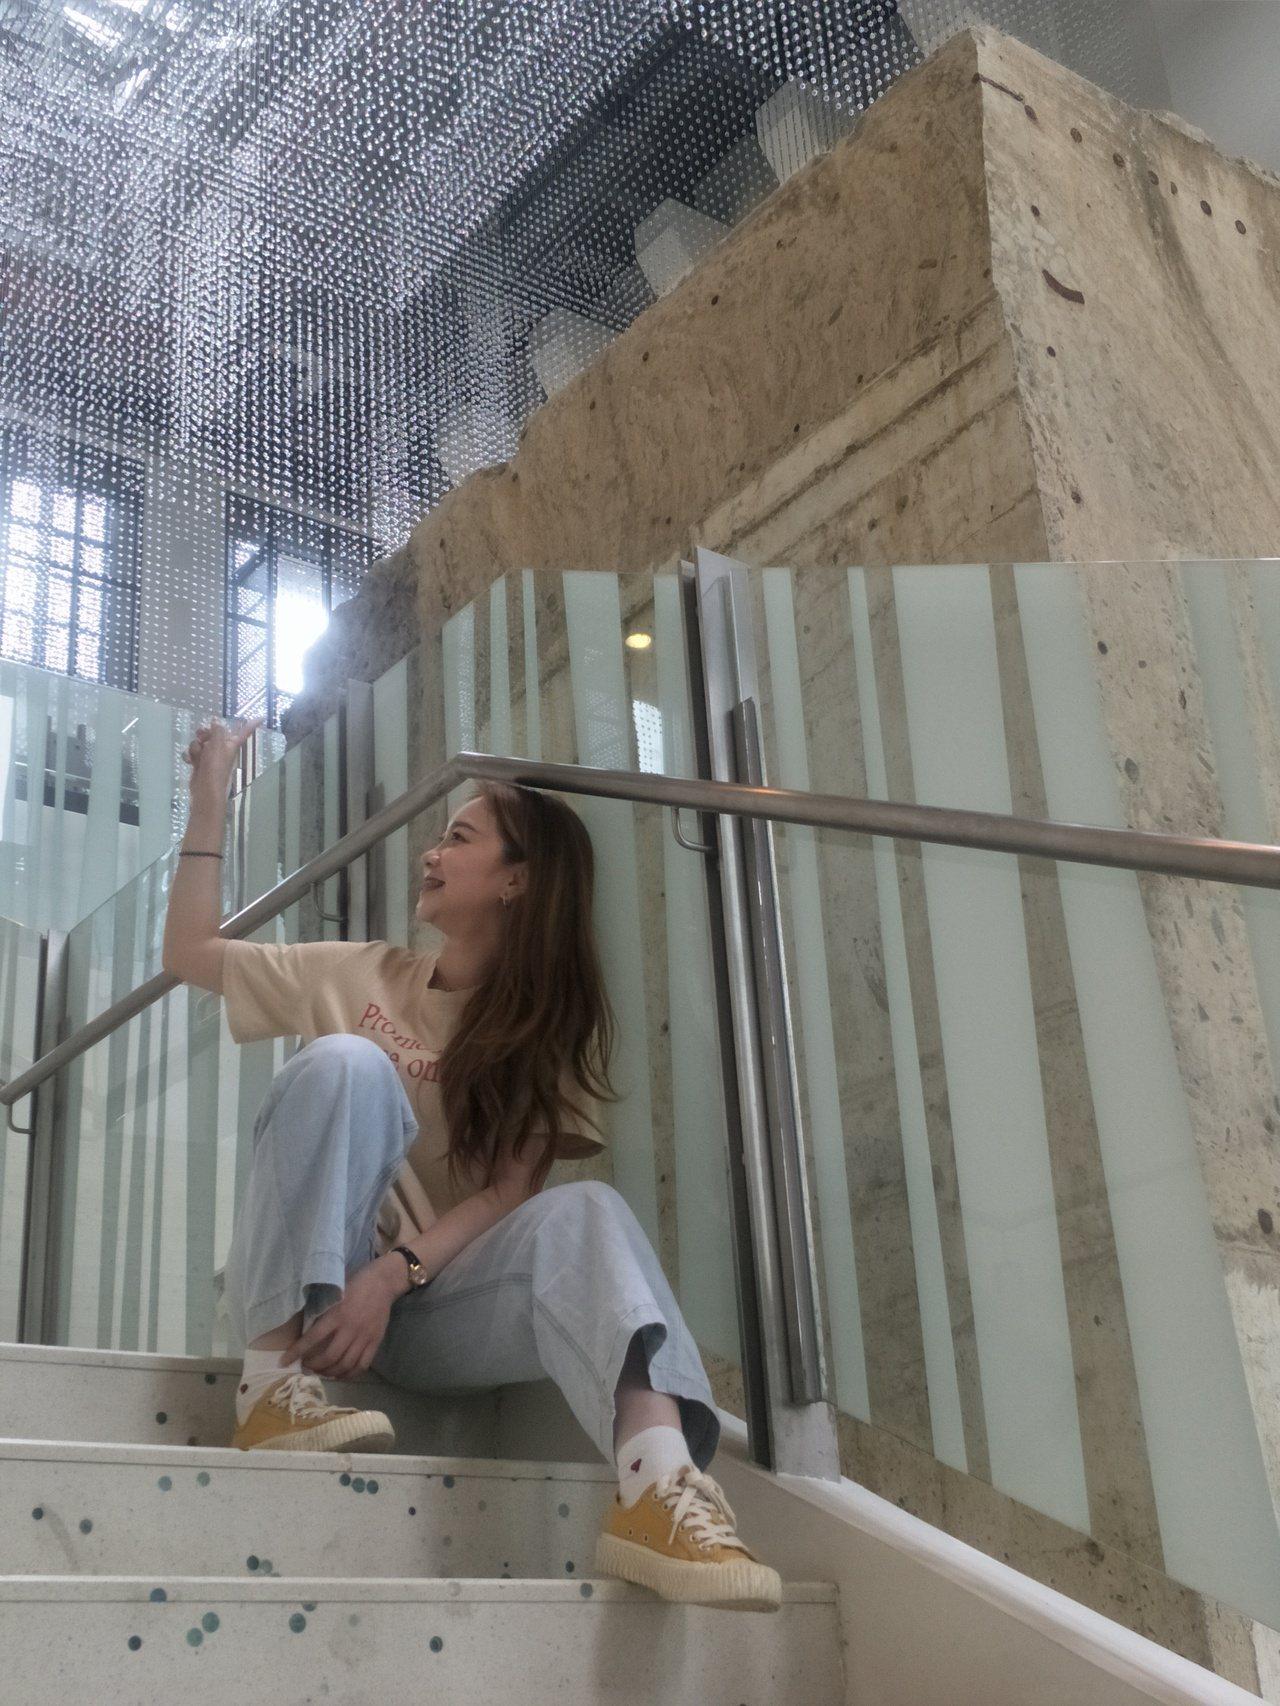 海科館是台灣工業遺址化身為博物館首例,沈穩的水泥灰色調加上斑駁牆身,成為許多網美...